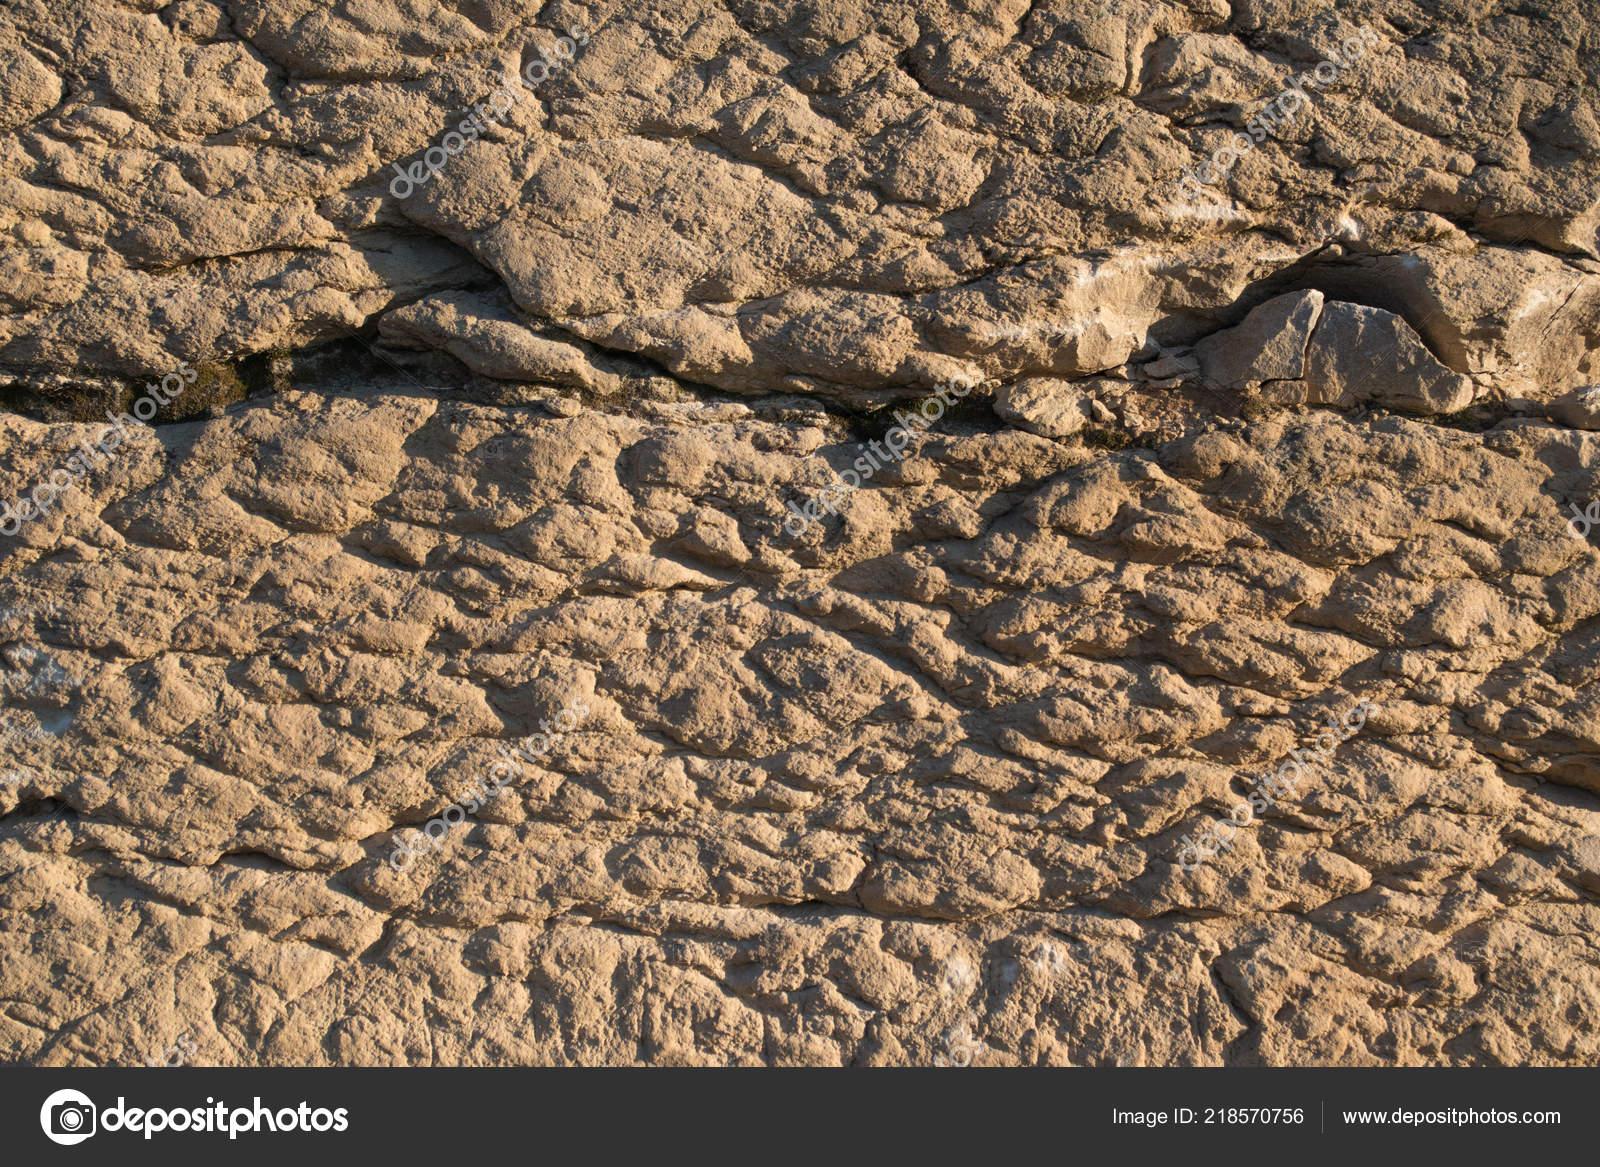 Fondo natural piedra caliza roca cara geología wallpaper — Fotos de Stock